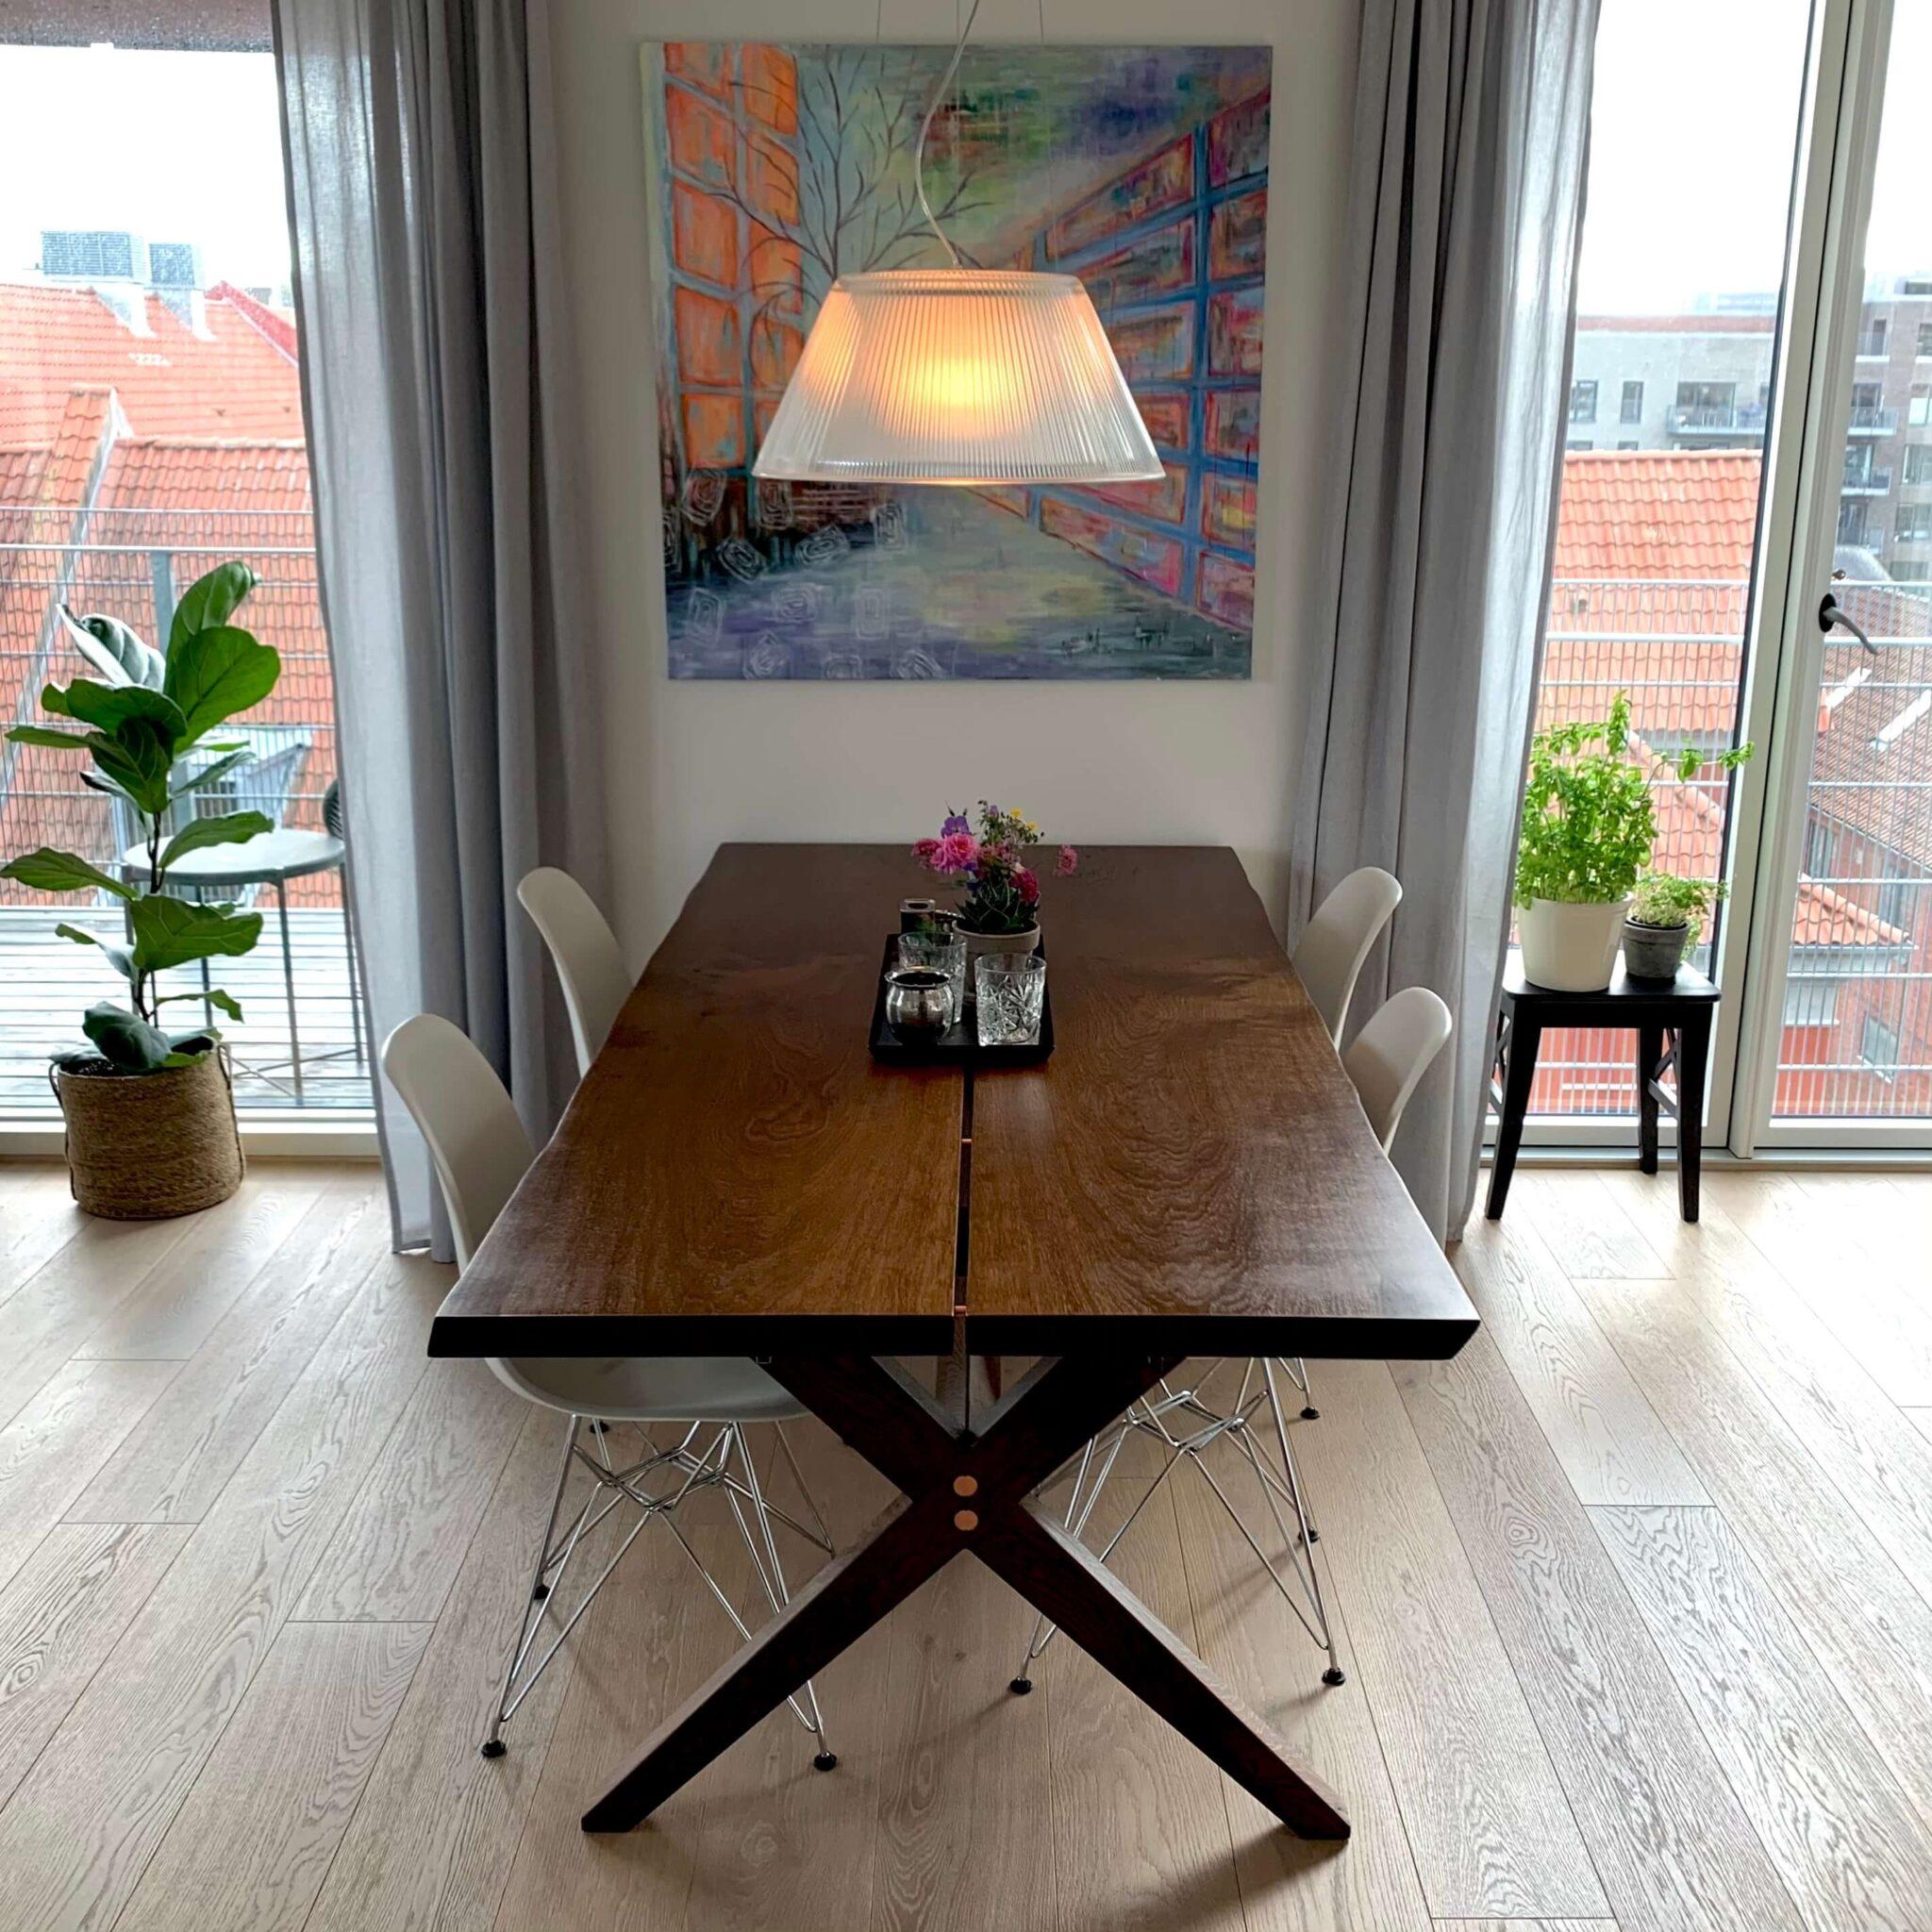 Mørkrøget Nordhavn plankebord